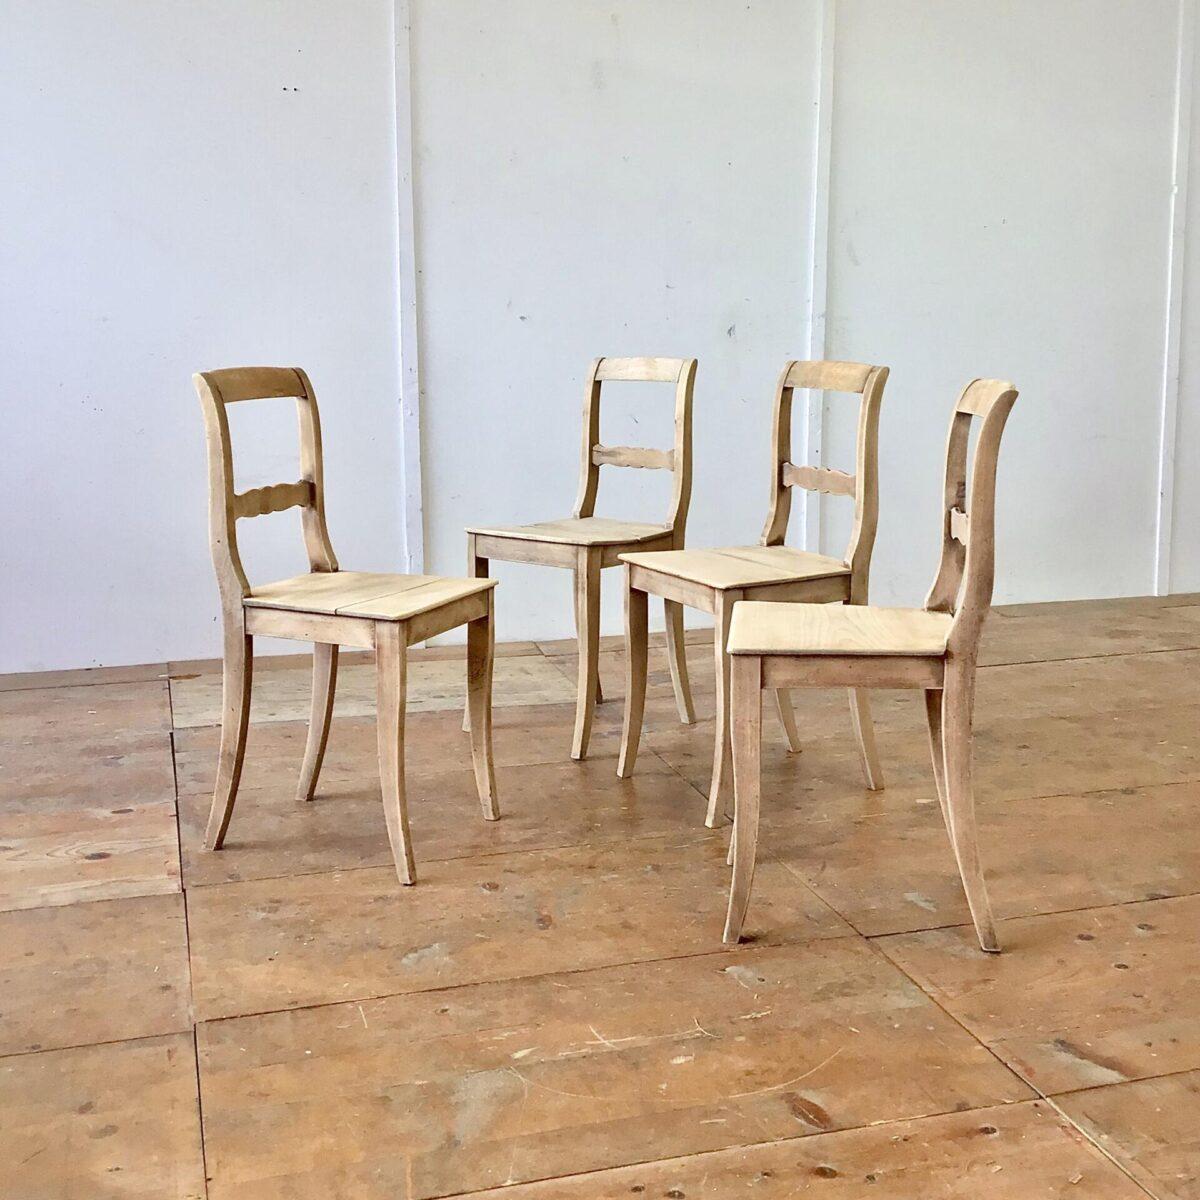 Klassische Biedermeier Stühle aus Buchenholz. Die spezielle matt-helle frische, gepaart mit den Altersspuren und Patina hat uns veranlasst die Stühle unbehandelt zu lassen.